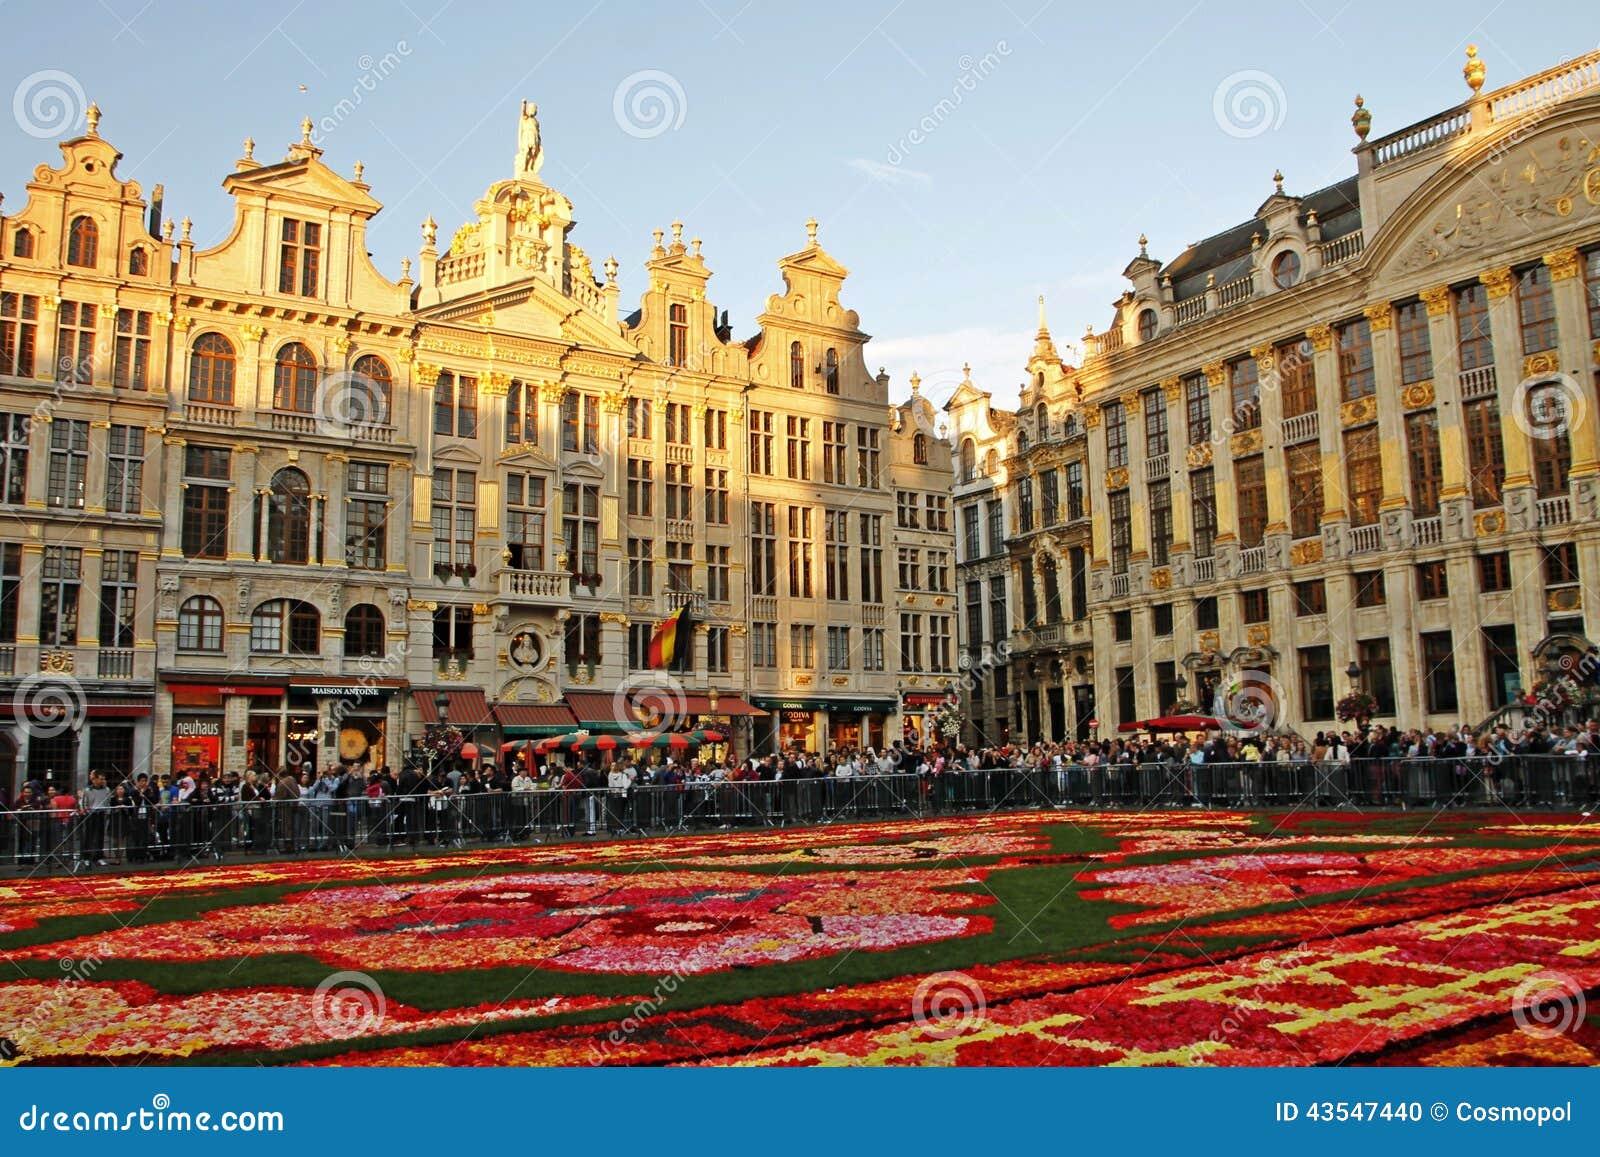 Brussels Flower Carpet Festival 2016 Carpet Vidalondon